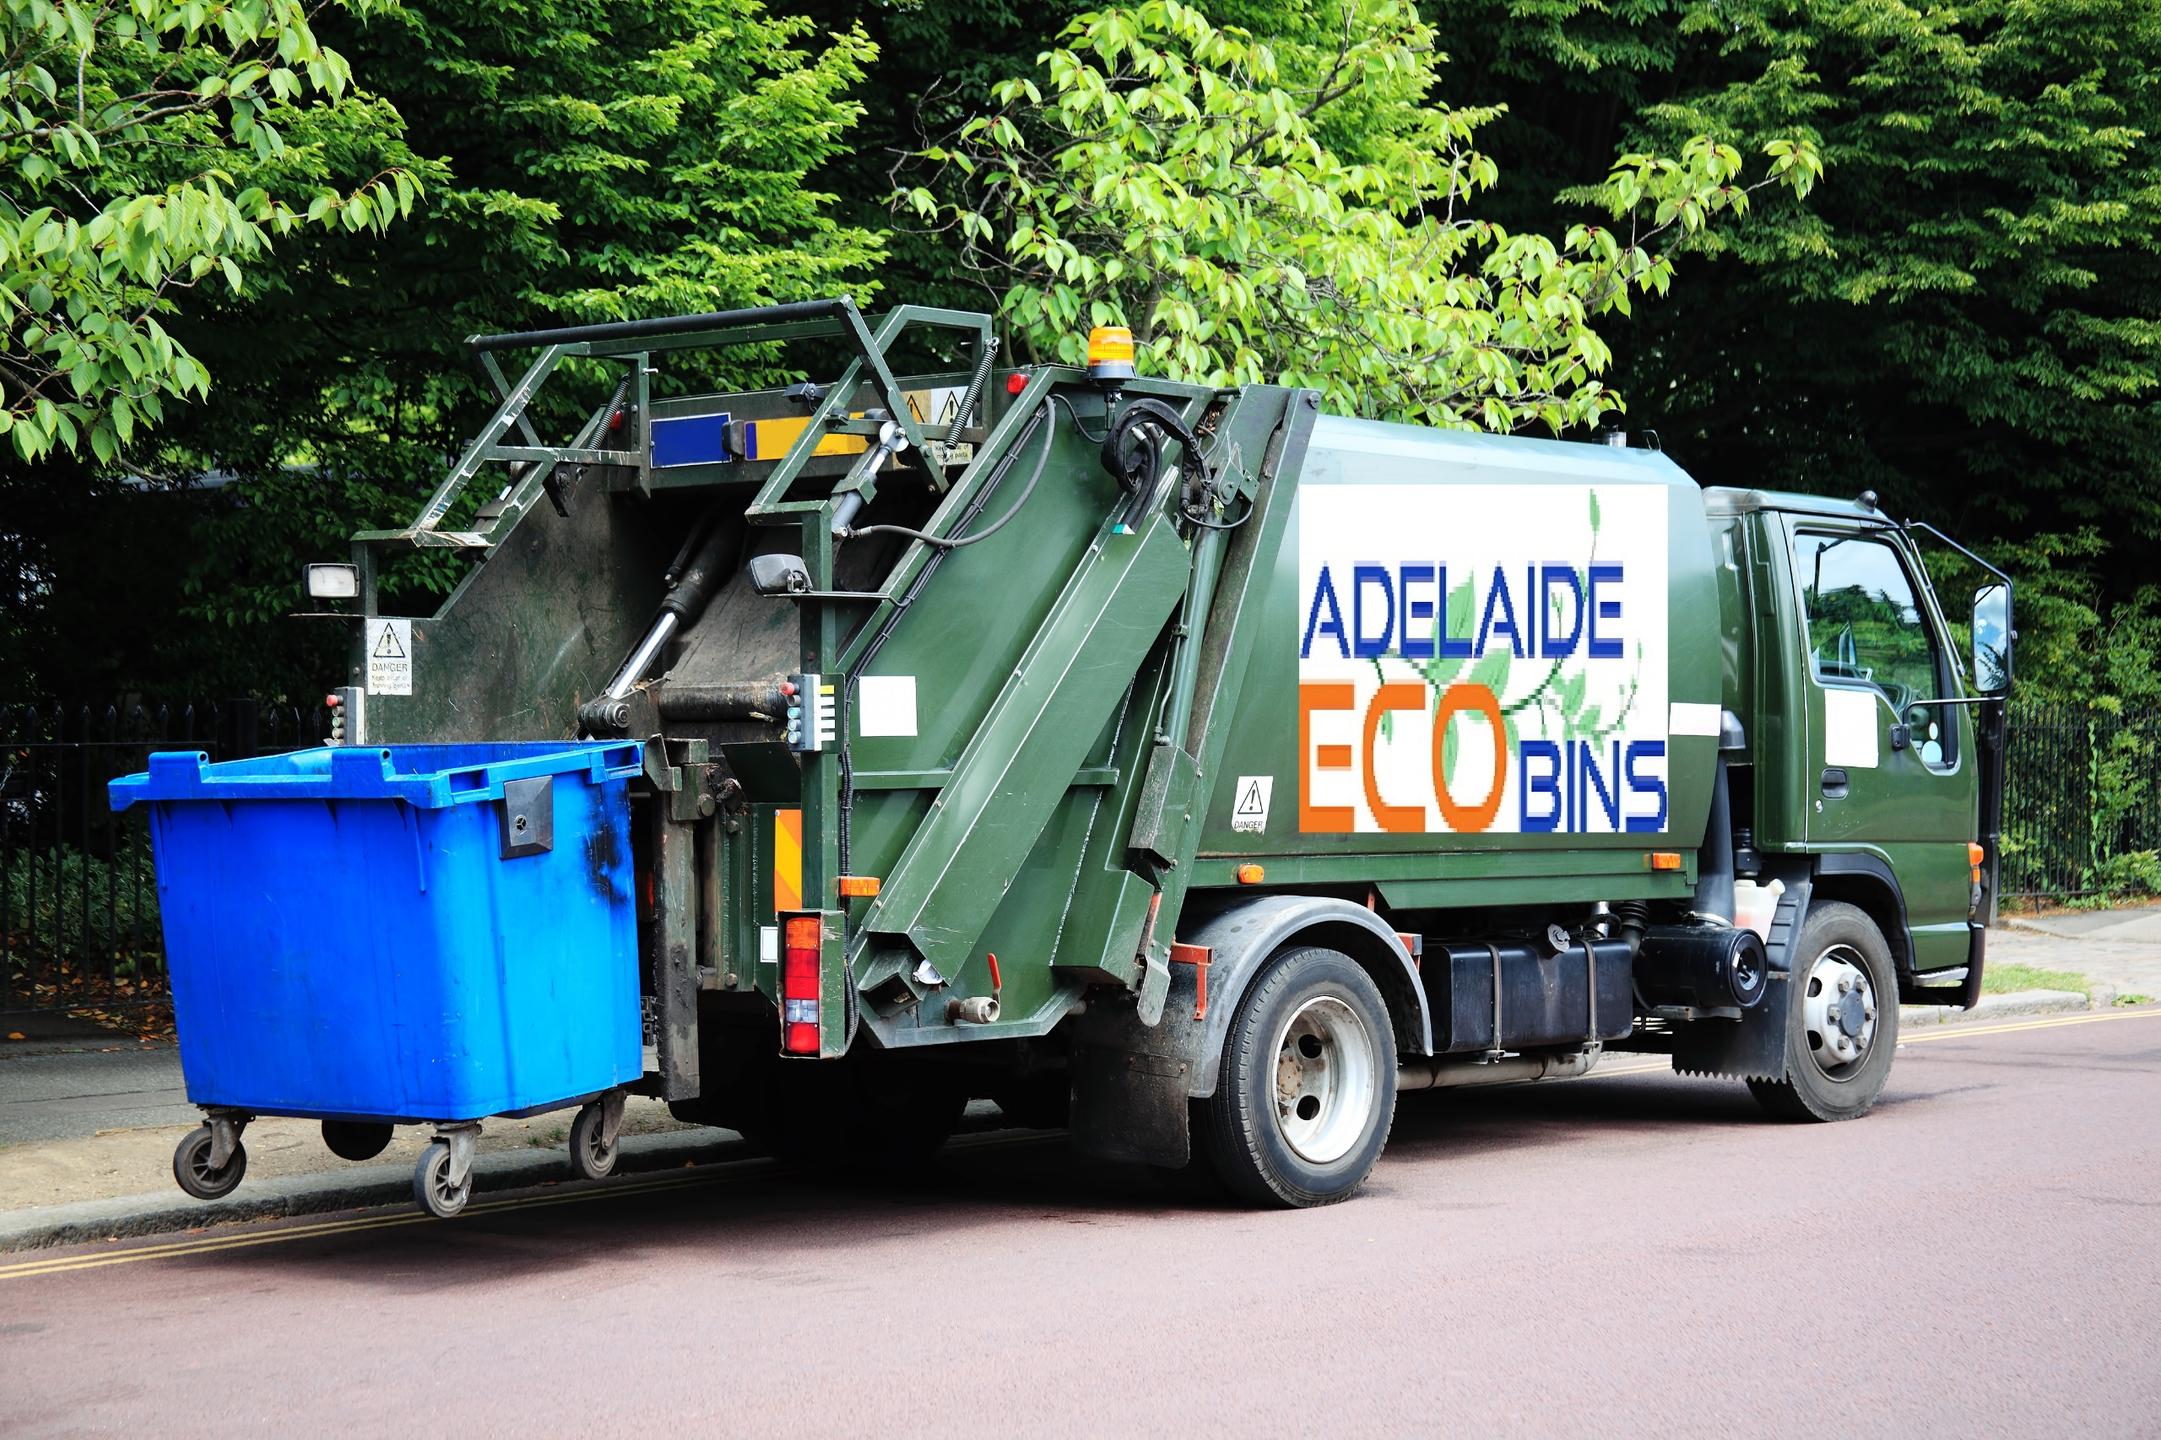 Adelaide Eco Bins (@adelaideecobins) Cover Image